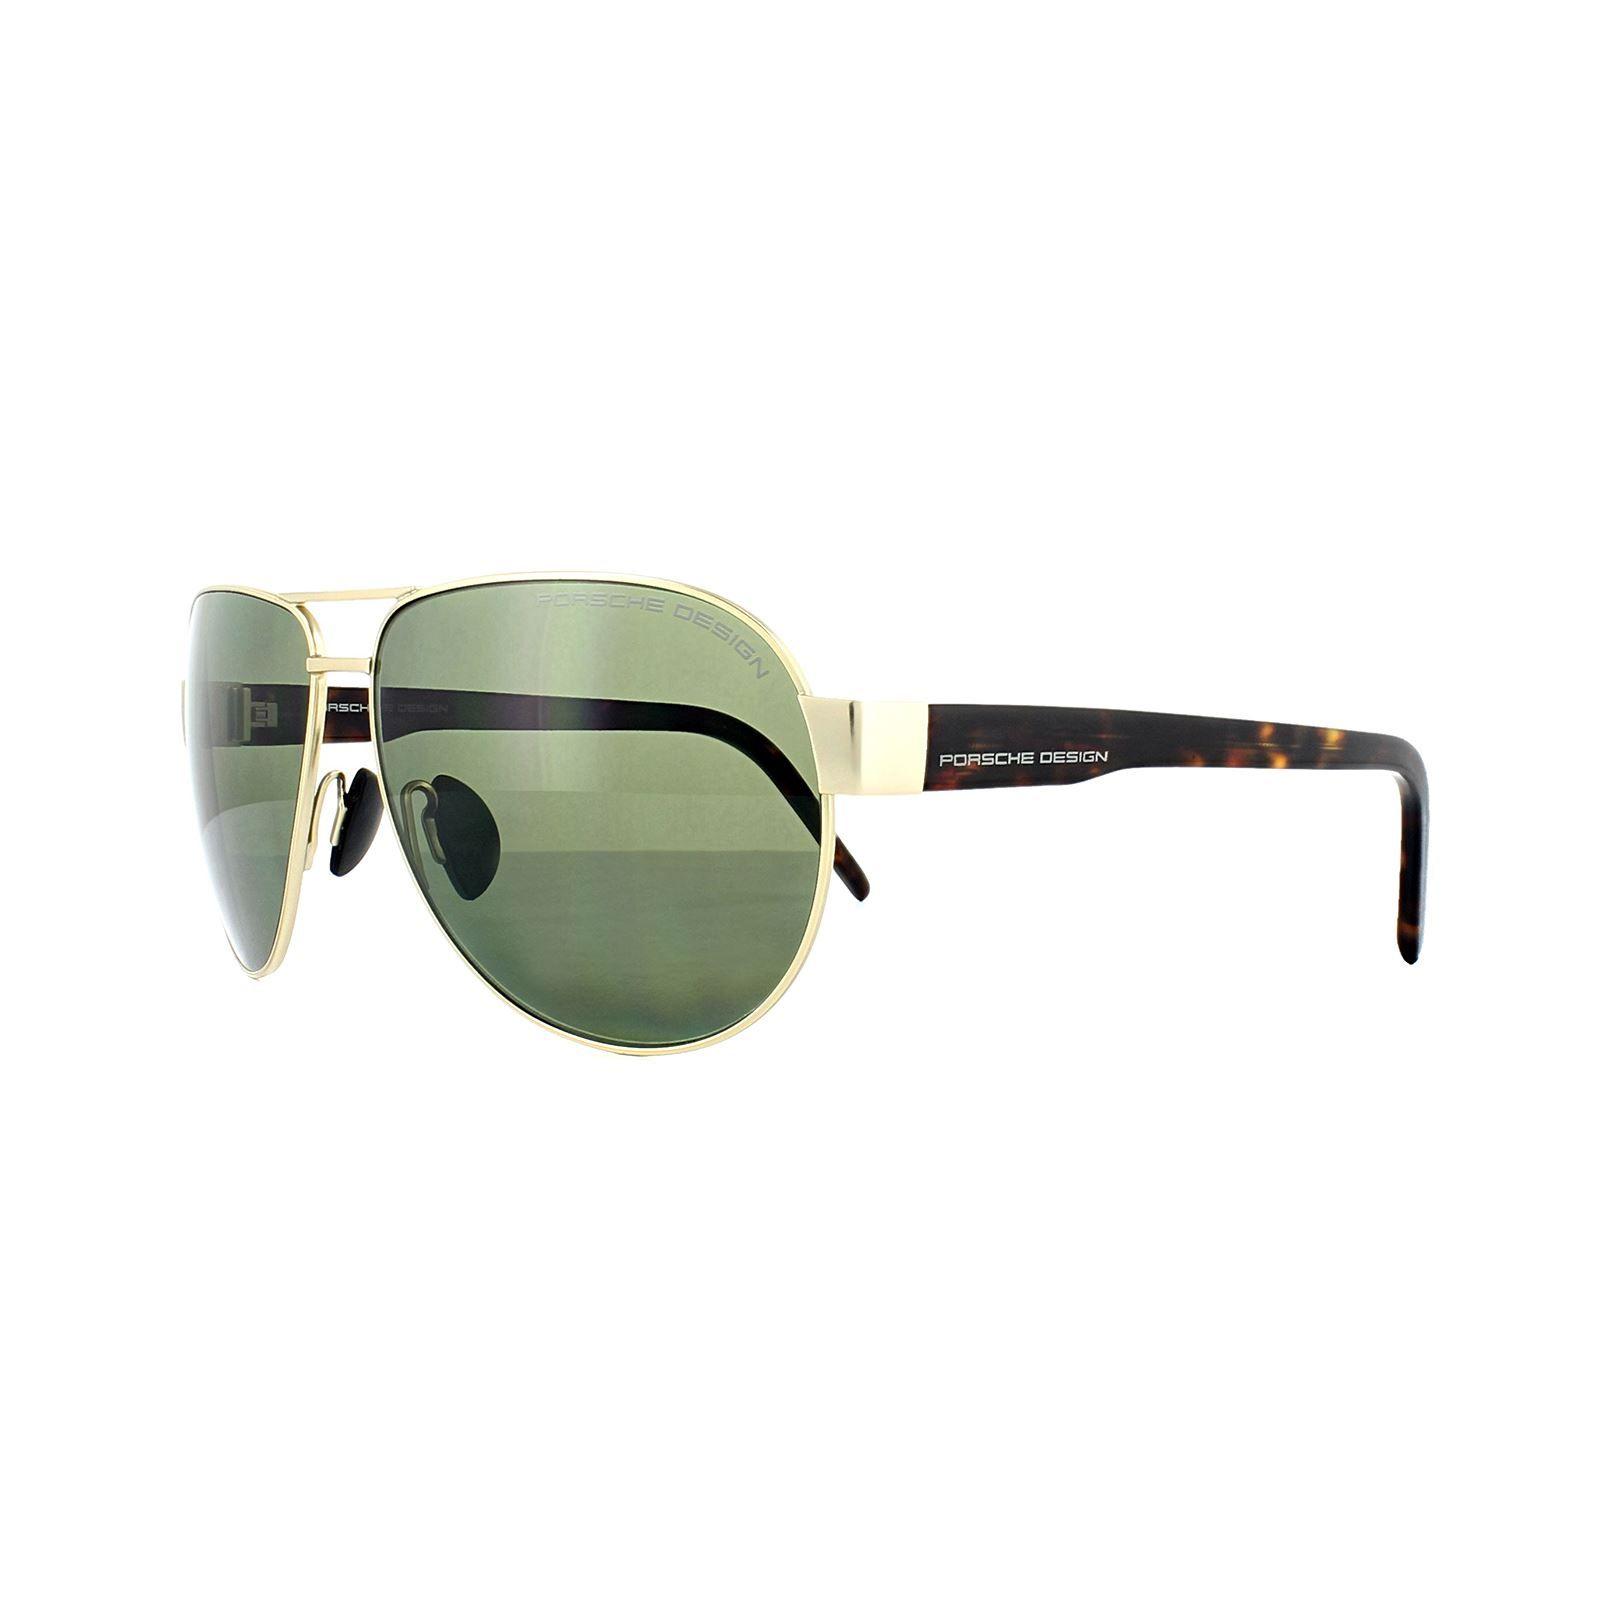 Porsche Design Sunglasses P8632 B V401 Gold Green Polarized